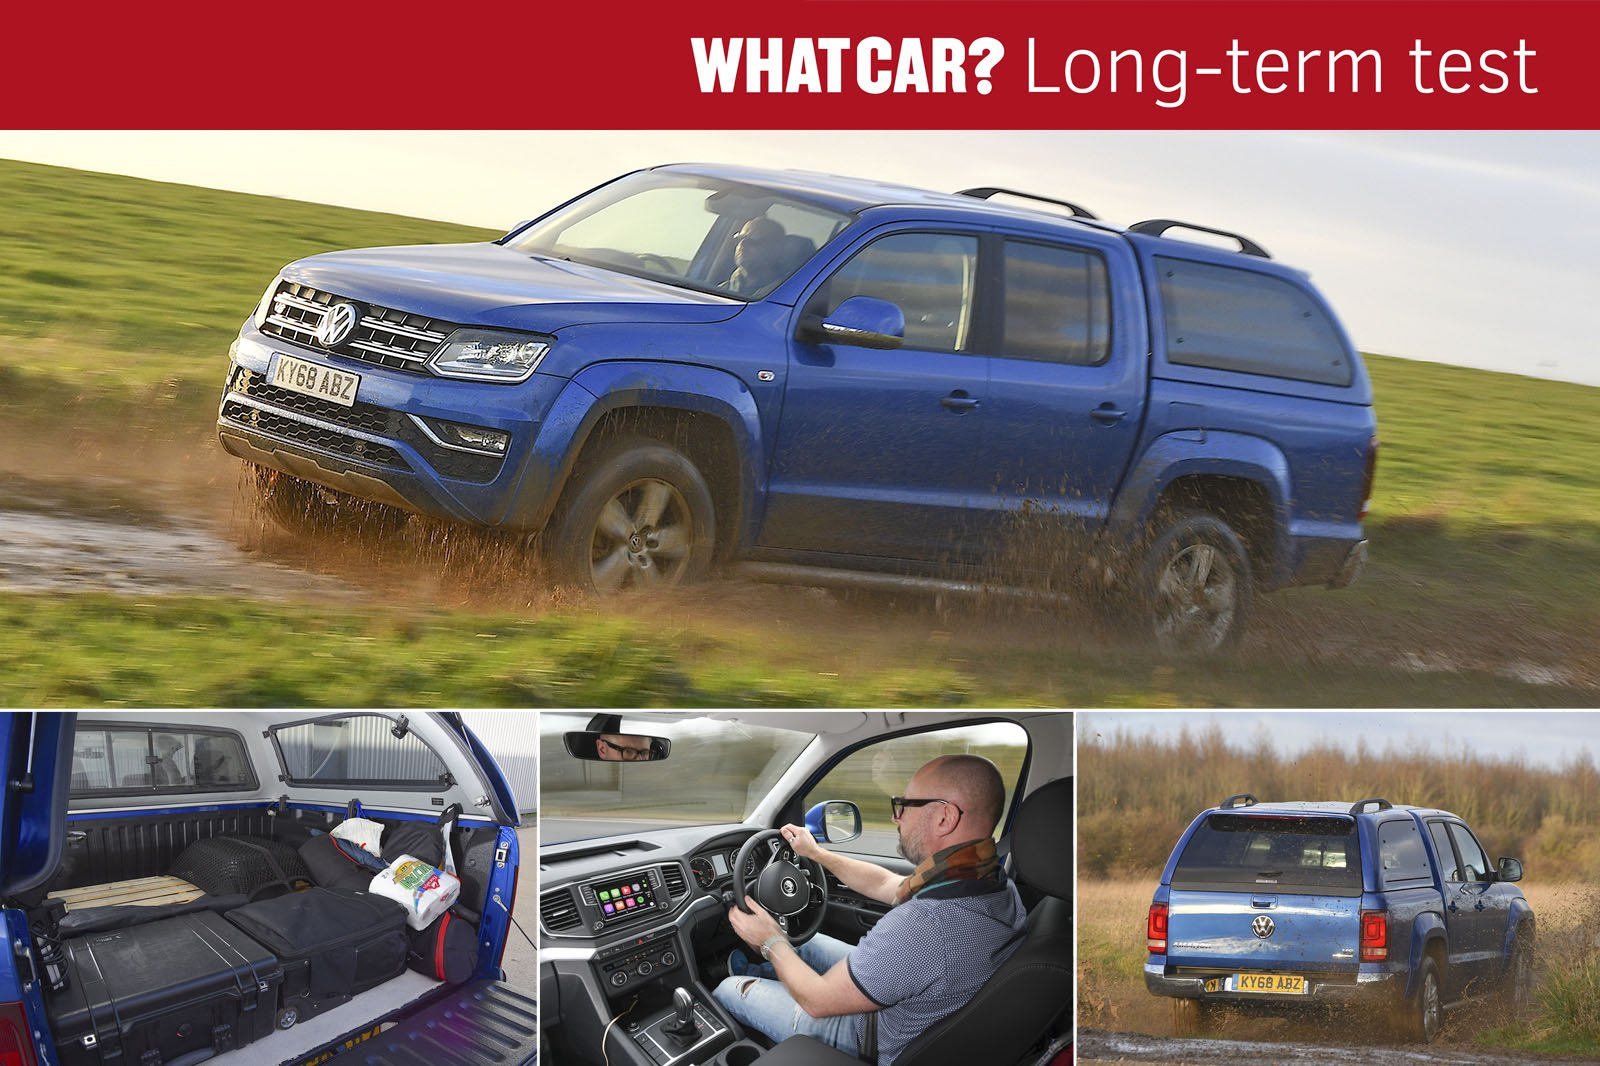 Volkswagen Amarok long-term